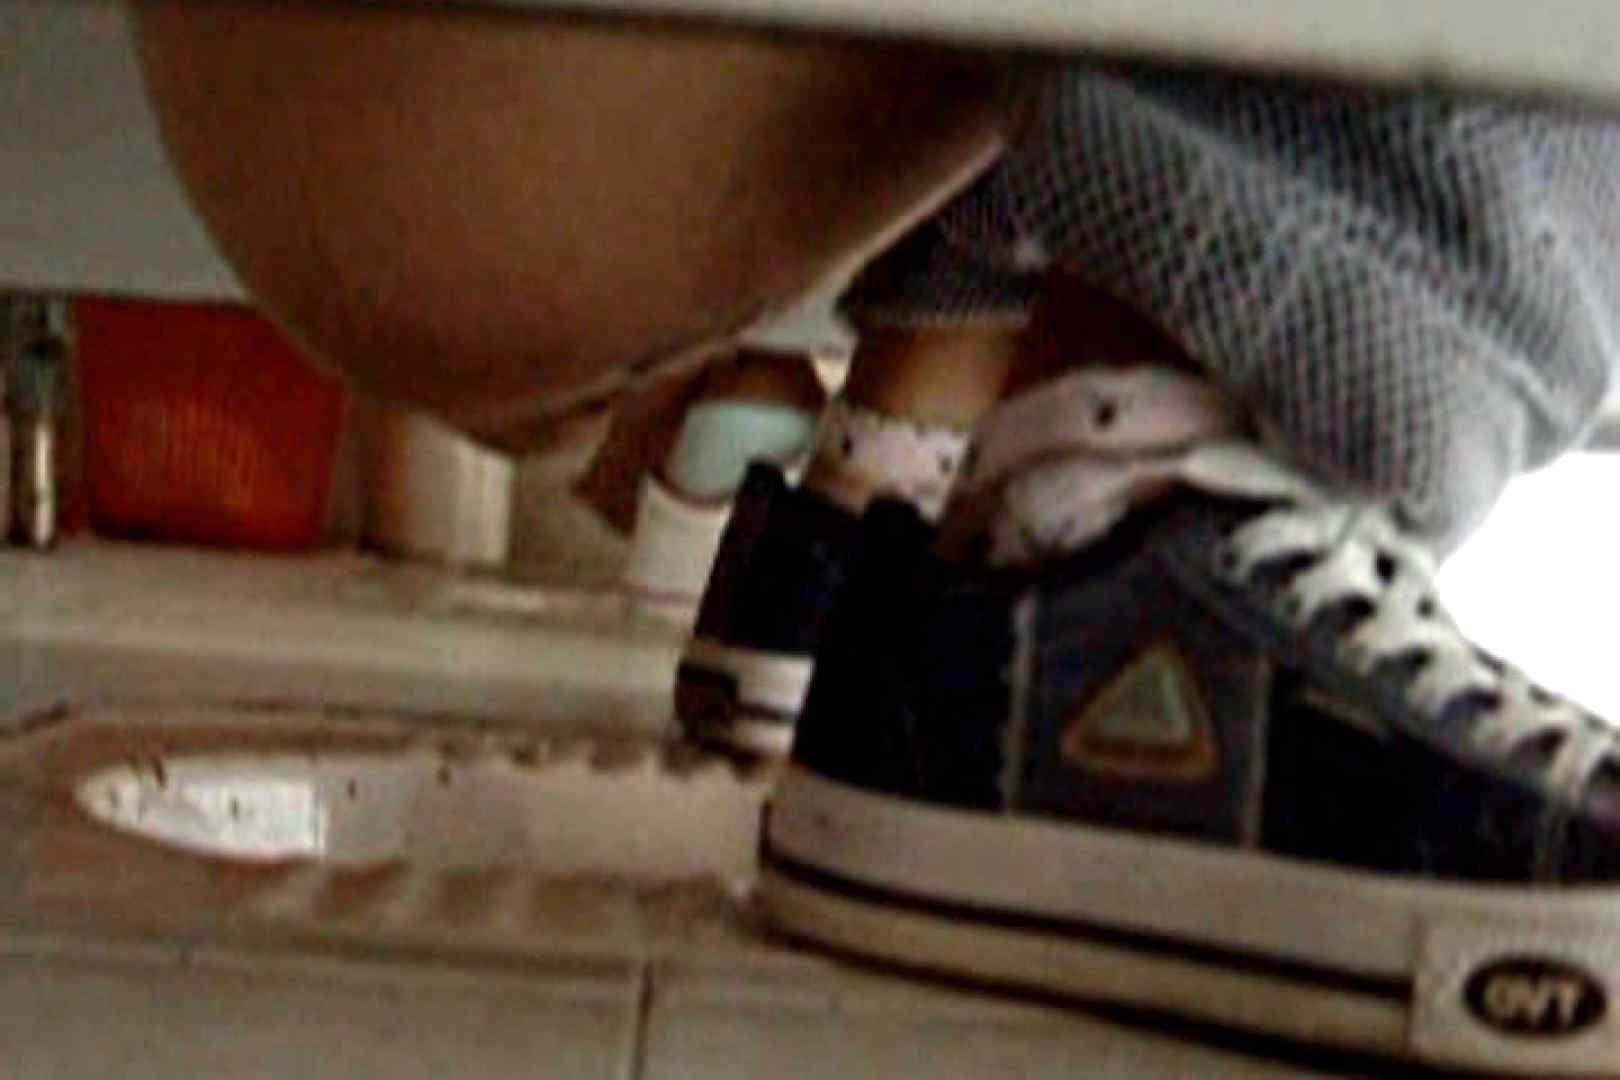 ぼっとん洗面所スペシャルVol.5 OLエロ画像  88PICs 81